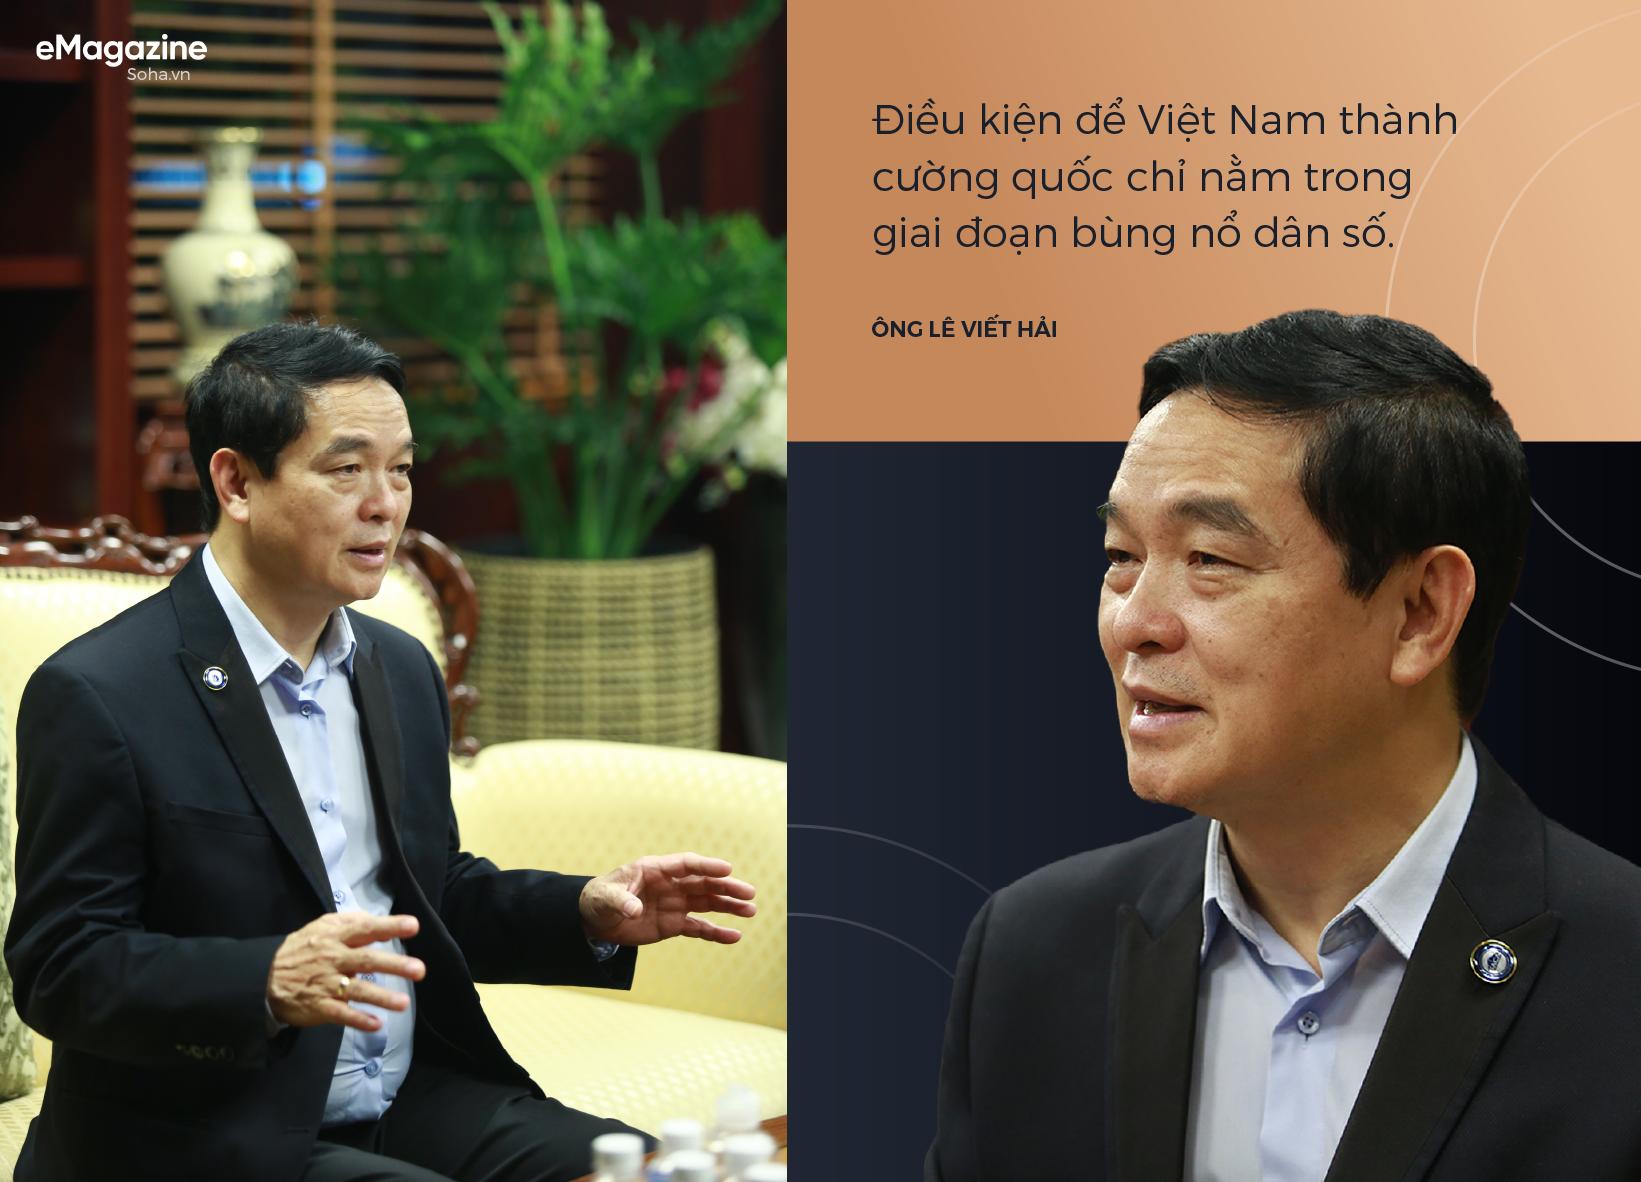 """Chủ tịch Tập đoàn Hòa Bình Lê Viết Hải: """"Đứng ở vực thẳm, không có đường xuống thì chỉ có đường đi lên và chiến thắng"""" - Ảnh 6."""